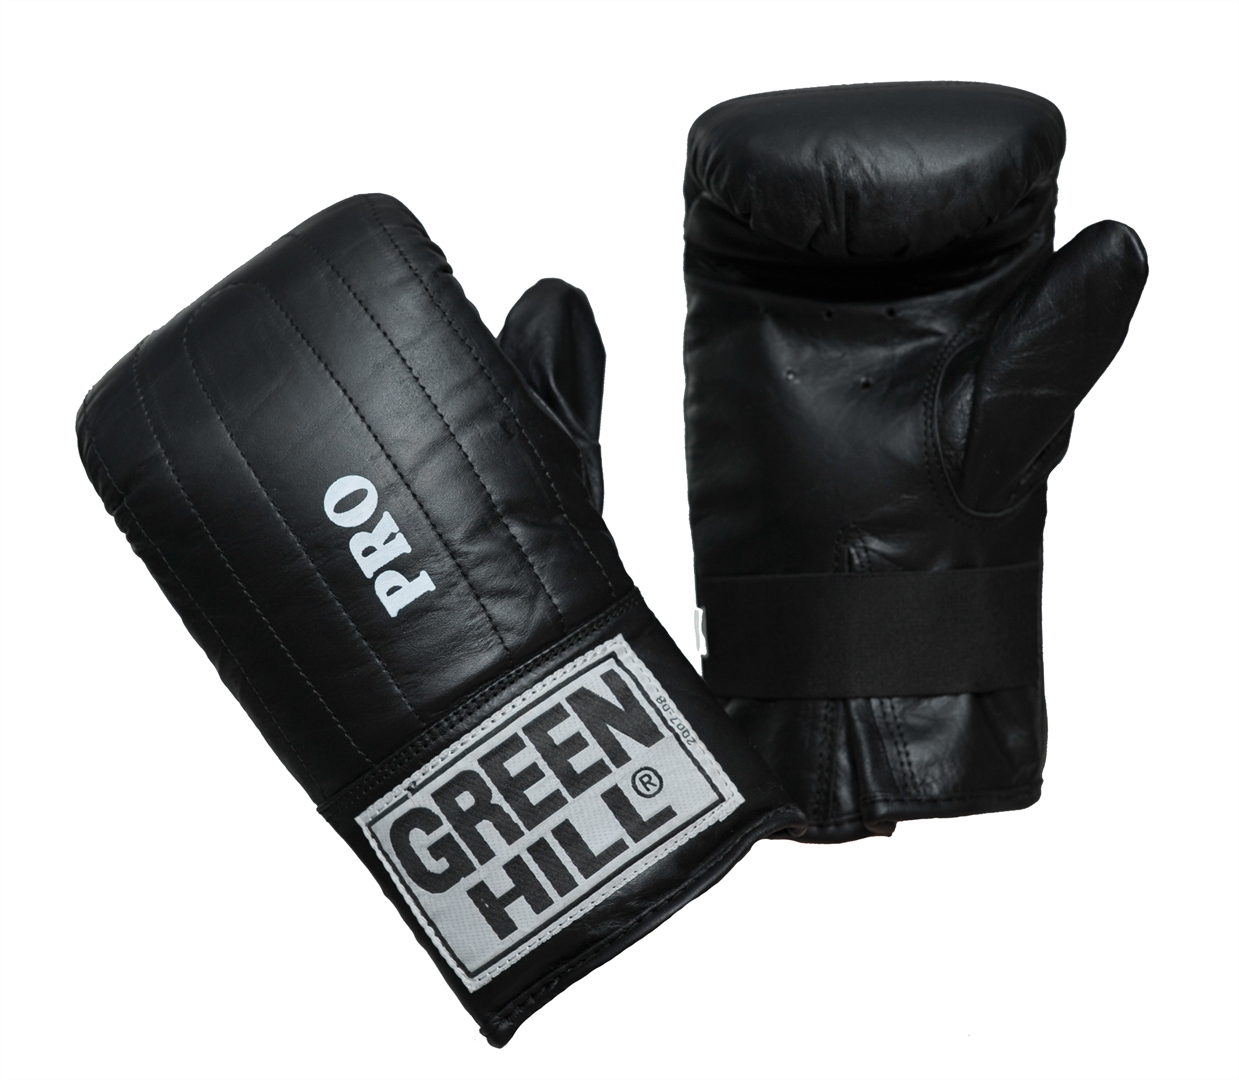 Перчатки снарядные Green Hill Pro, цвет: черный. Размер XLKBF-2106LRСнарядные перчатки Green Hill Pro предназначены для отработки ударов по мешкам и лапам, а также для легких спаррингов. Перчатки выполнены из натуральной кожи с мягким наполнителем внутри. Манжет не резинке позволяет быстро снимать и одевать перчатки, плотно фиксирует их на руке.